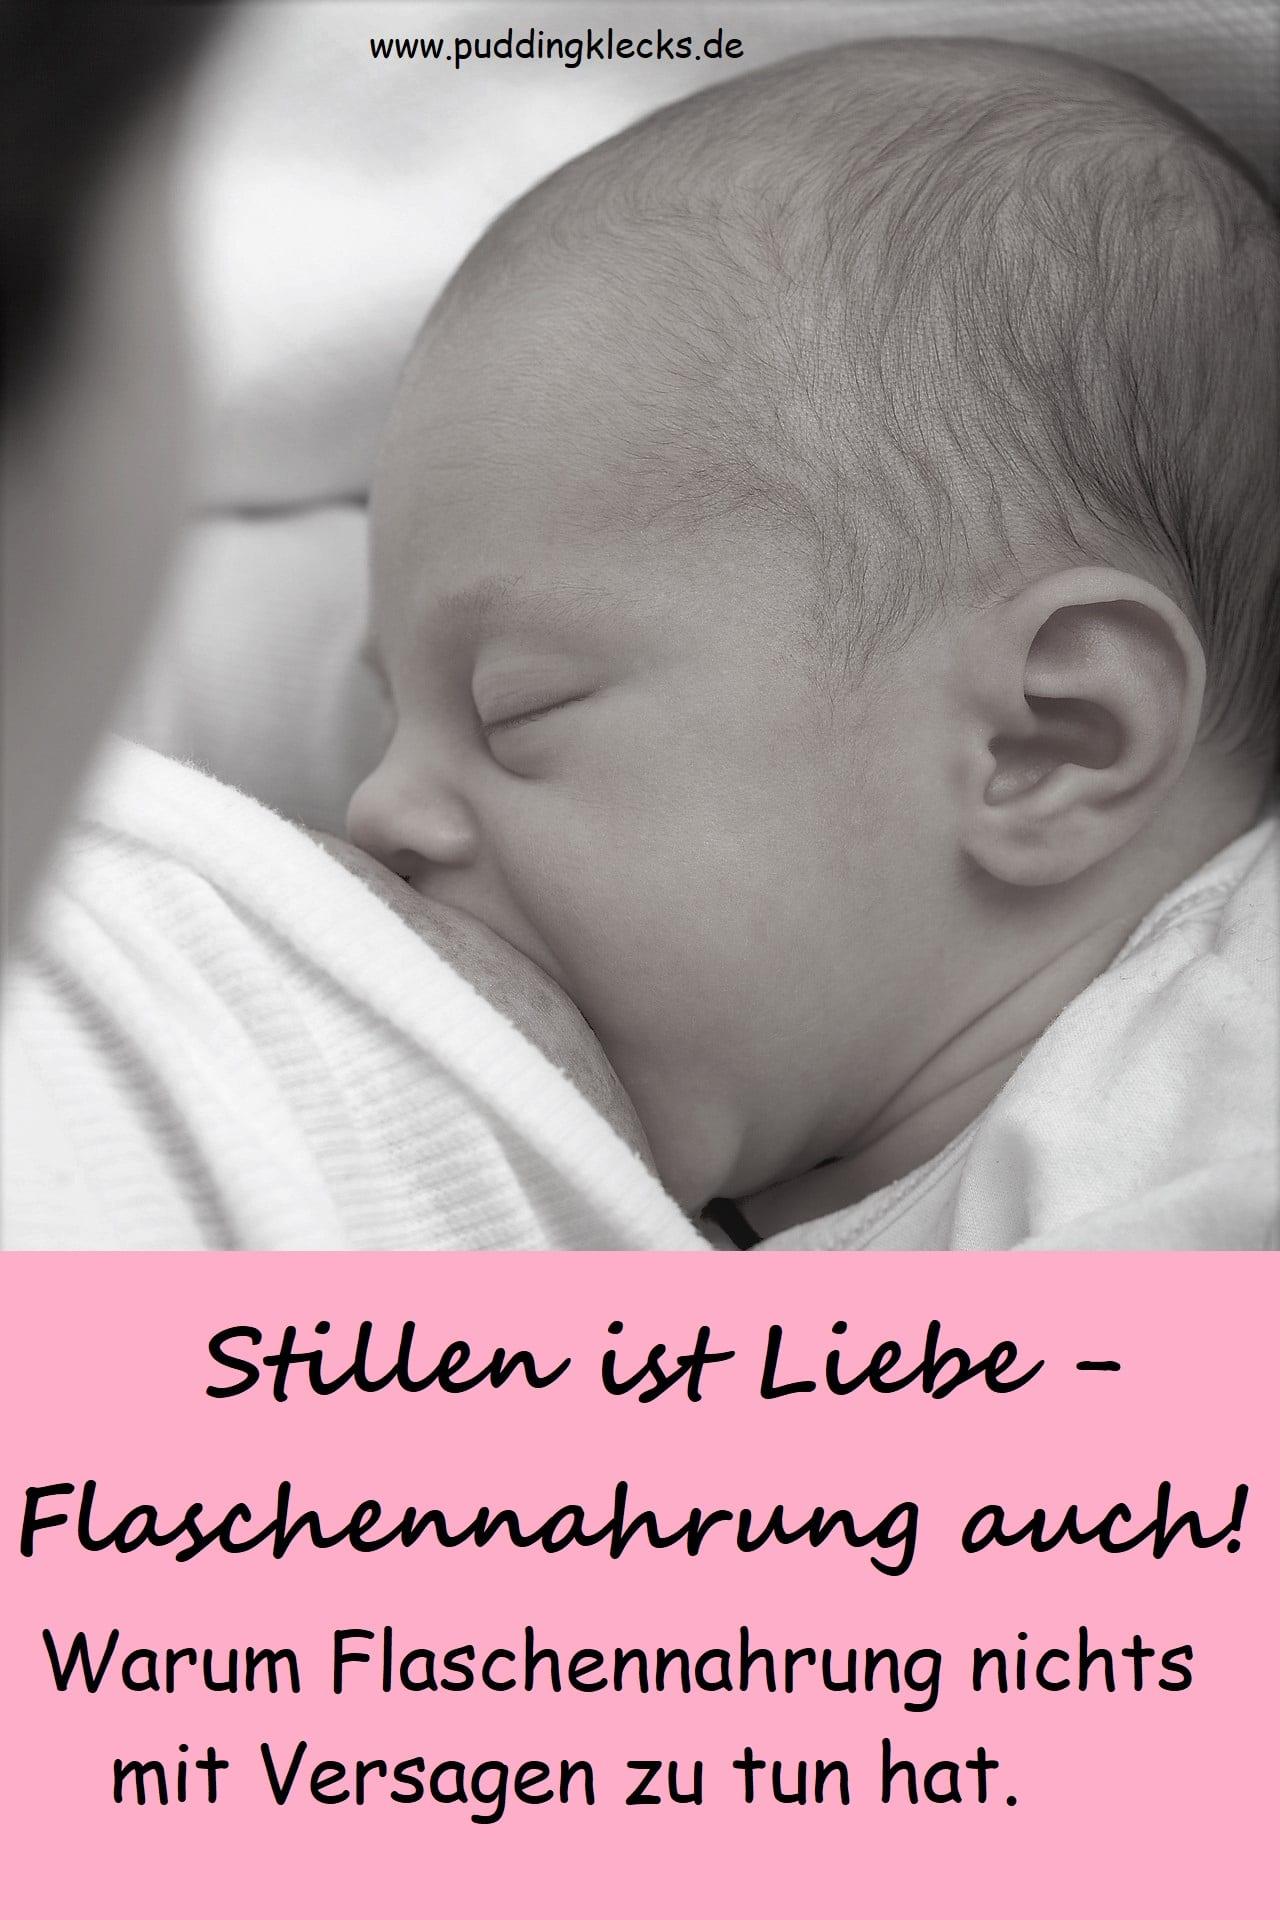 Stillen ist Liebe - Flaschennahrung auch? Warum wir aufhören sollten, die Brust zu glorifizieren und Babynahrung zu verteufeln. Stillen ist Nahrung. Fläschchen auch.